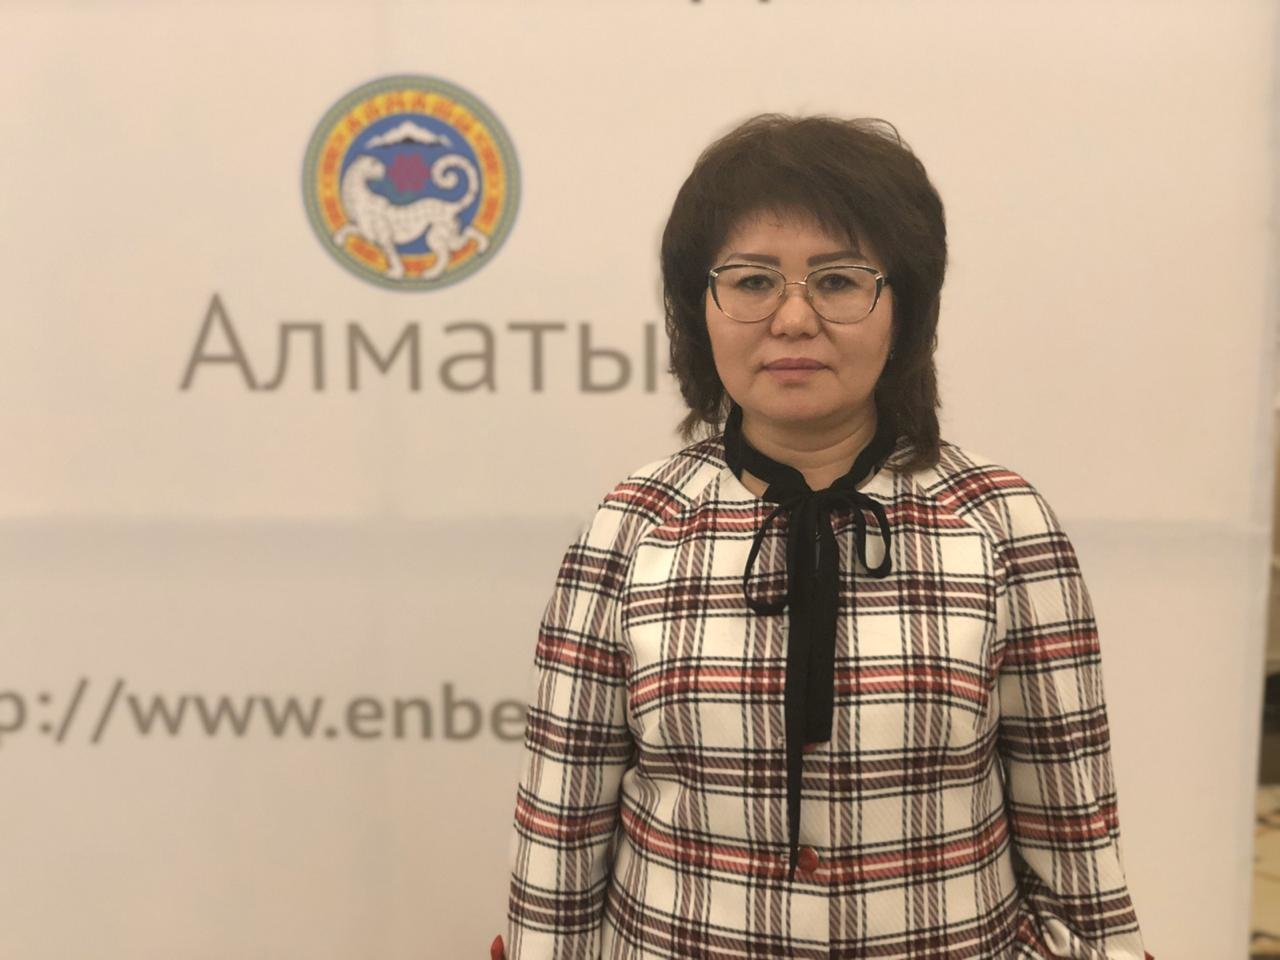 С начала года на предприятиях Алматы травмировалось 98 работников, фото-1